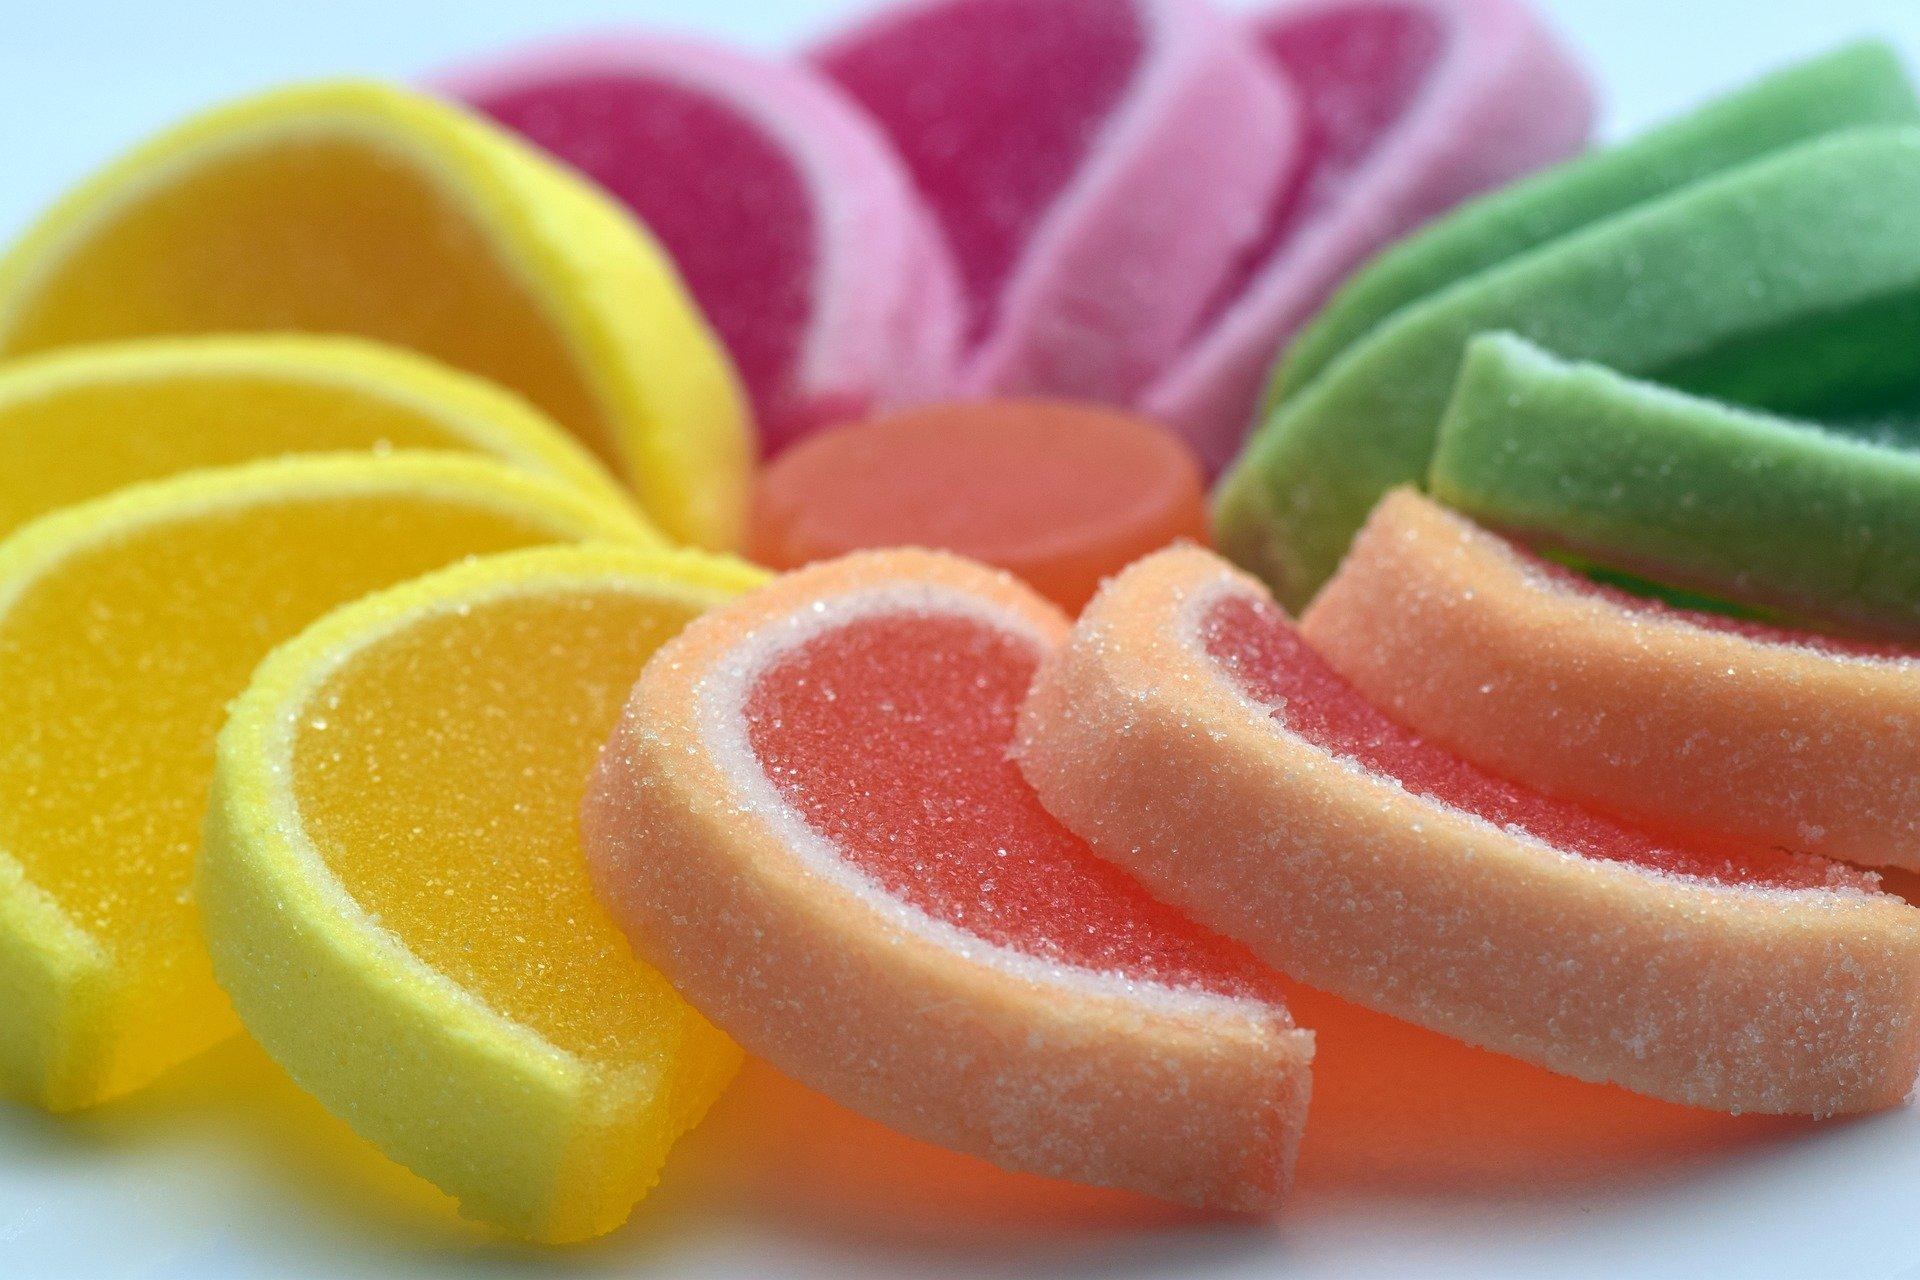 Los niños y los adultos tienen diferentes percepciones del dulce